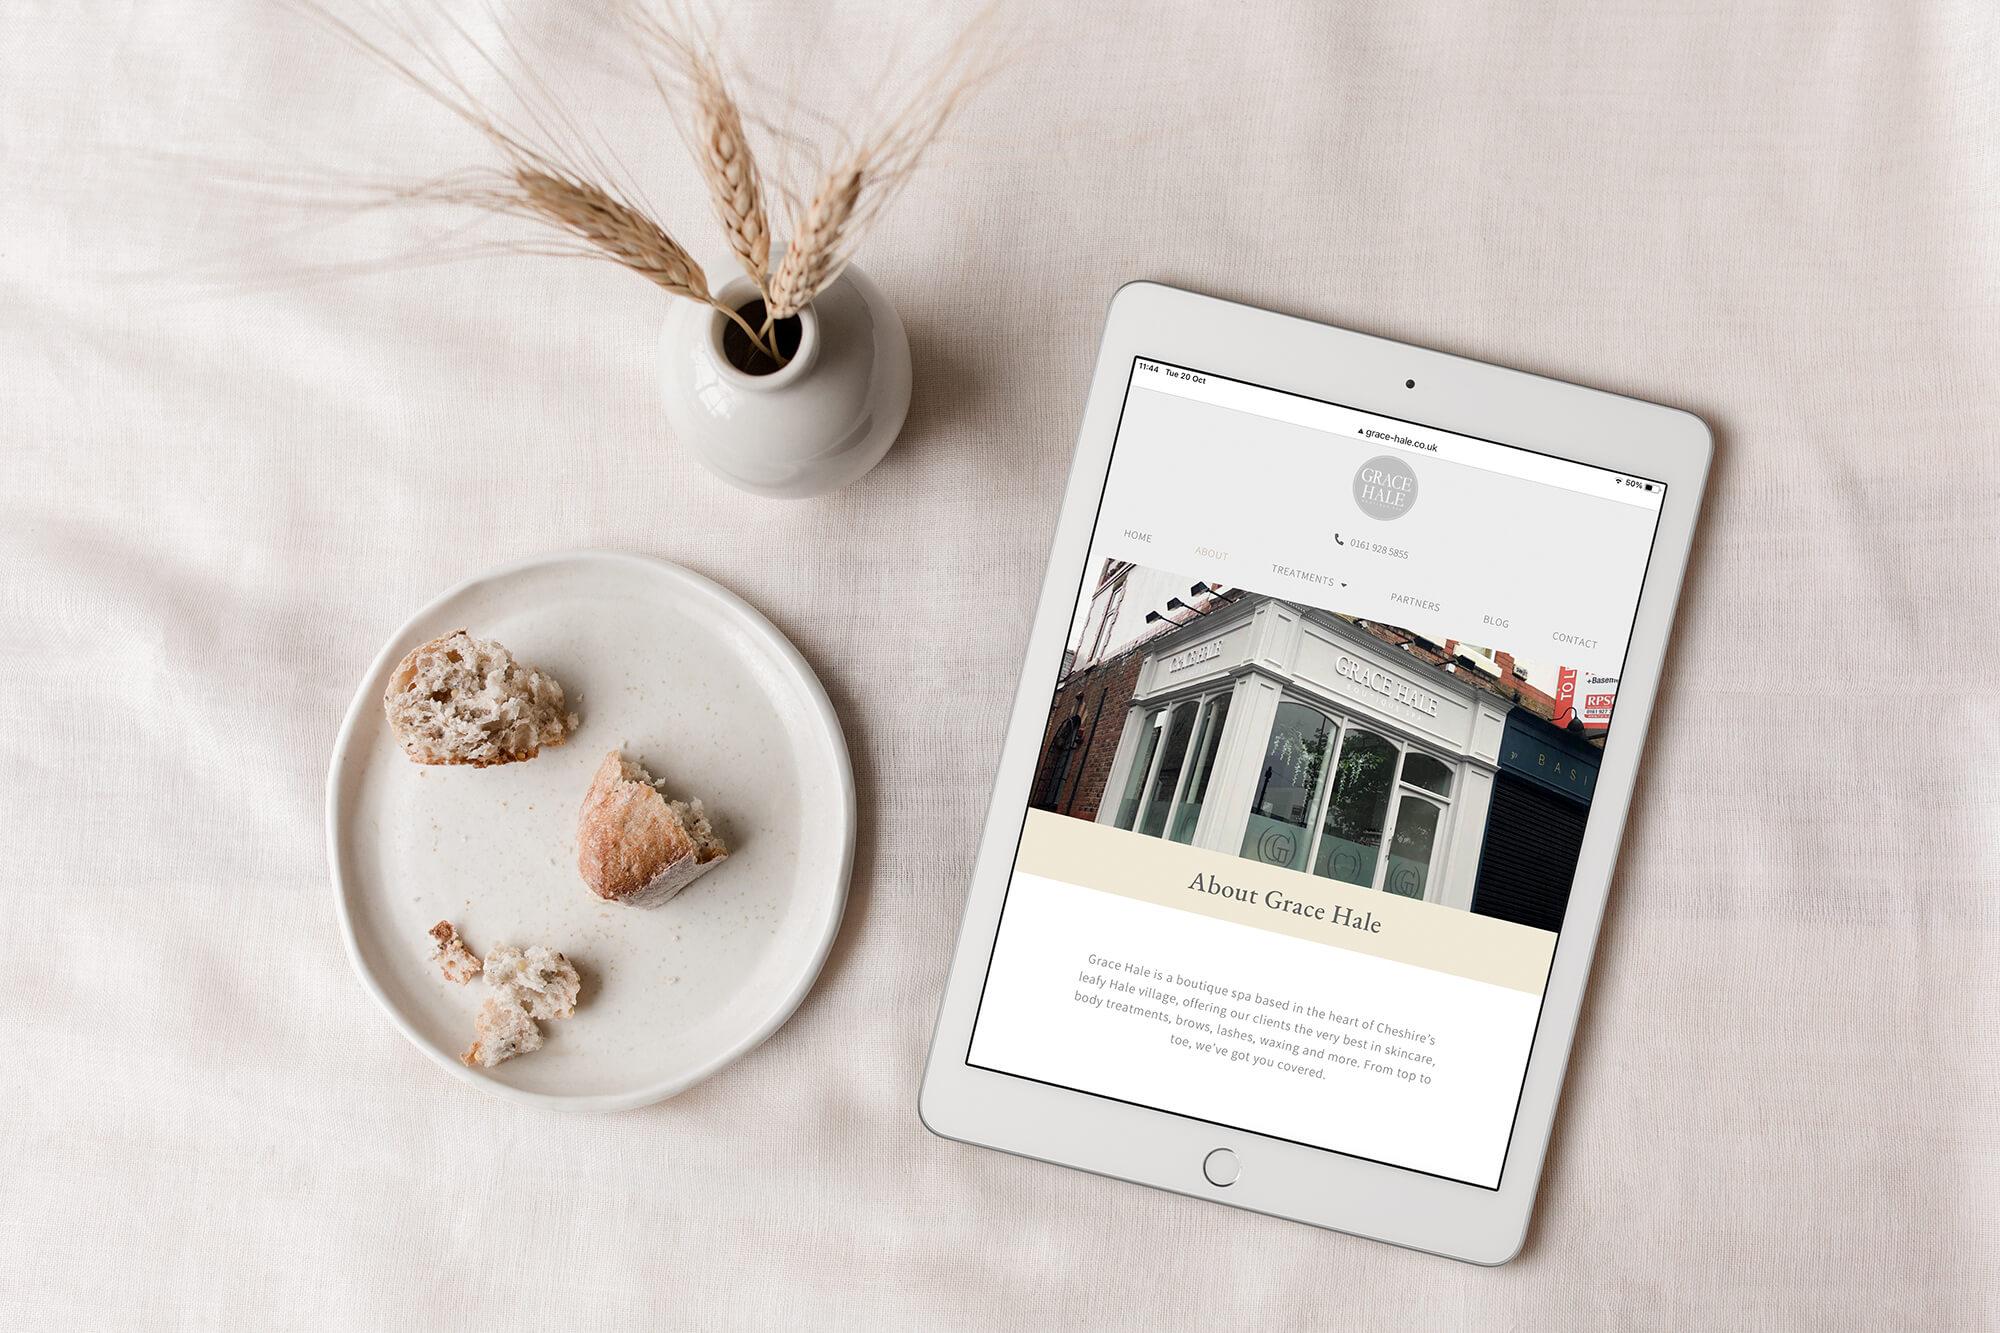 Grace Hale beauty salon website design